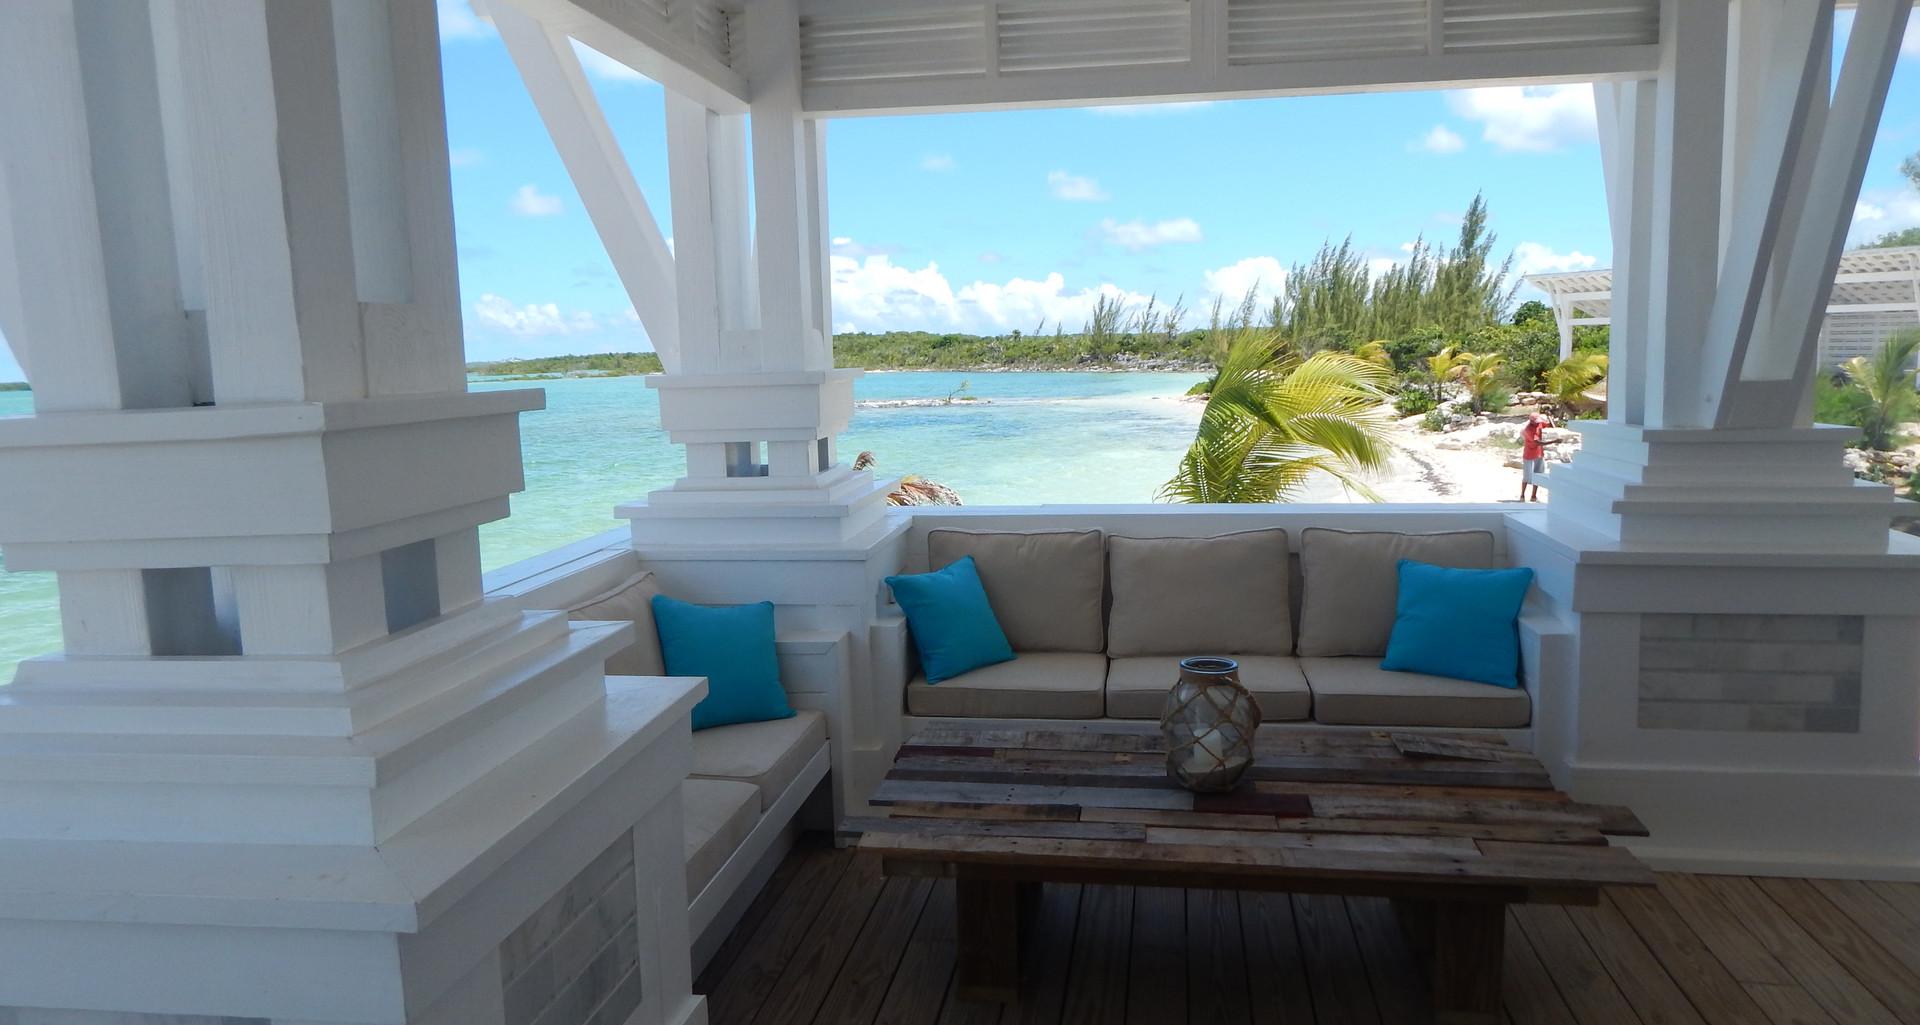 STAR Island Bahamas Bar Lounge